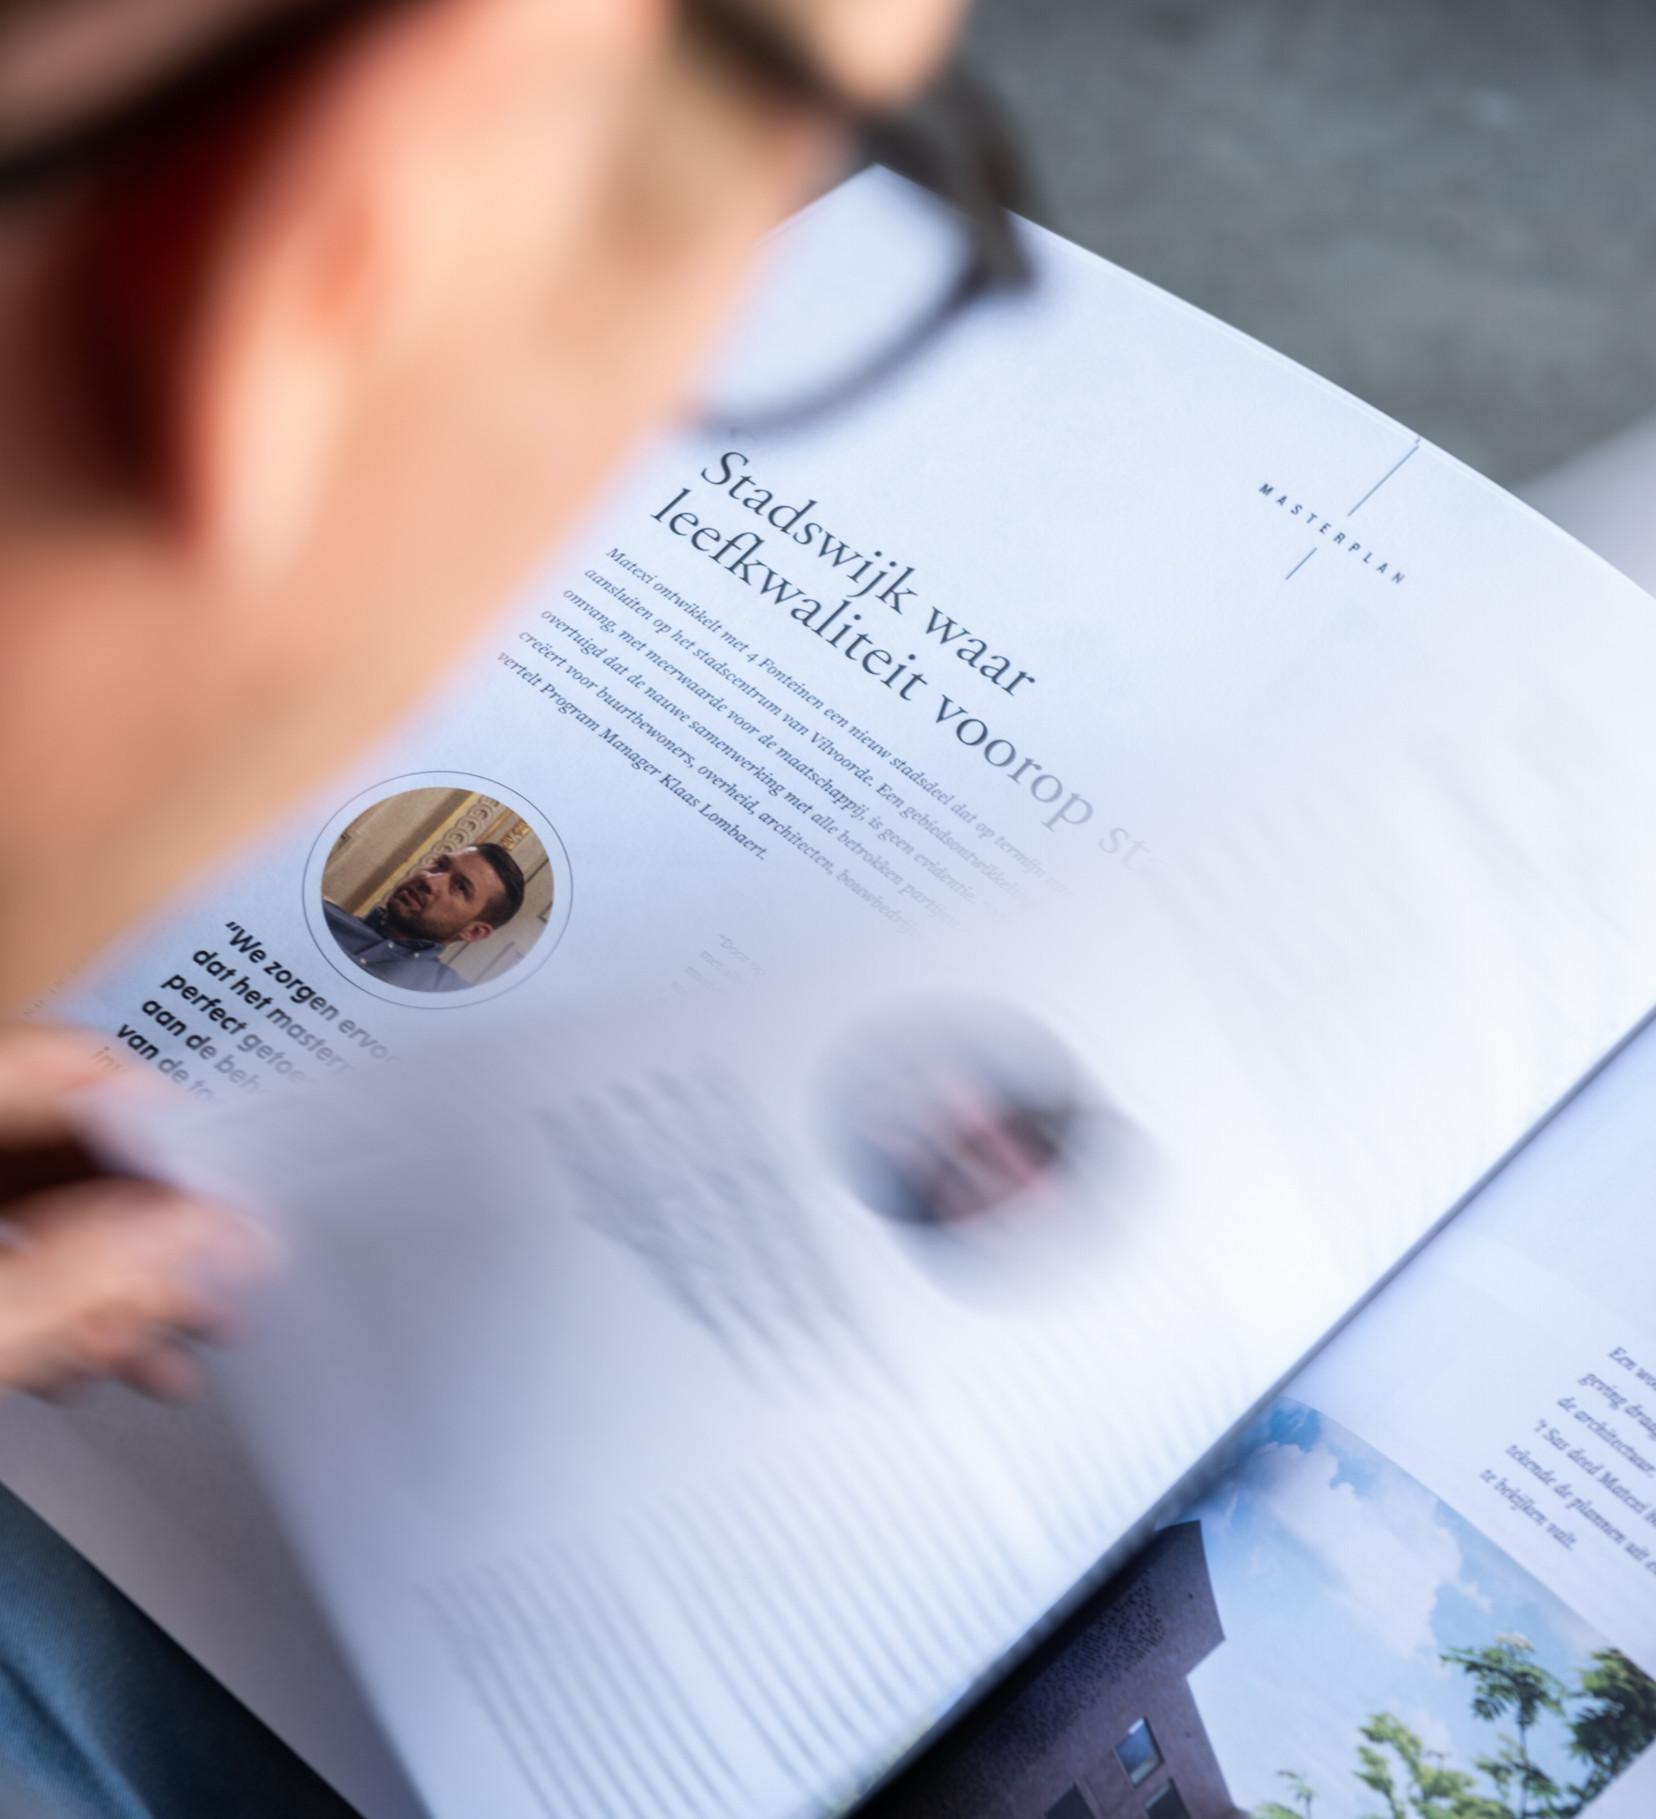 Voor het vastgoedproject 4 Fonteinen van Matexi creëerden we 4 edities van een magazine om de omwonenden te informeren.